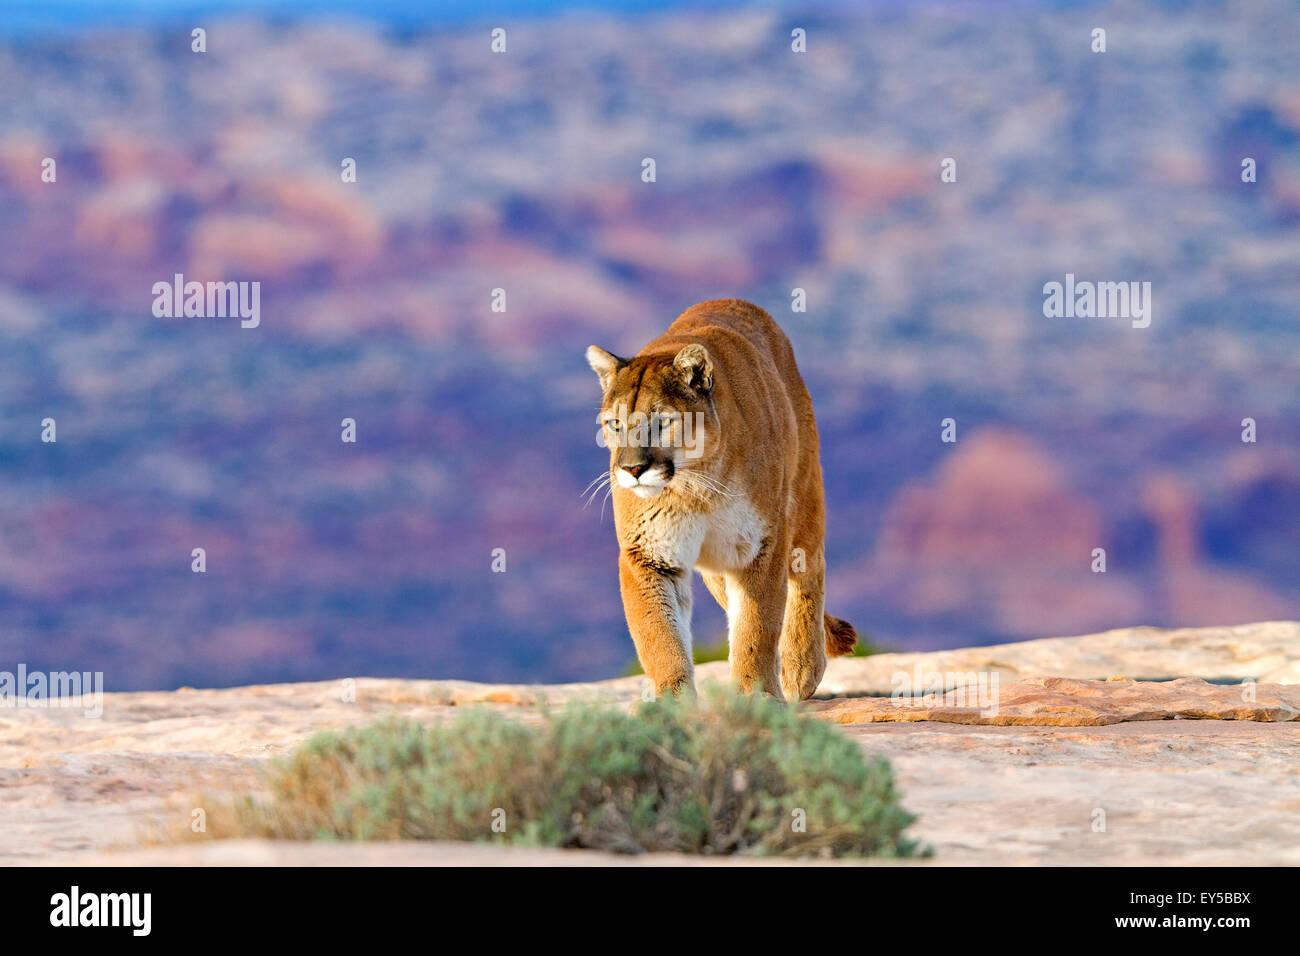 Puma walking on rock - Utah USA - Stock Image